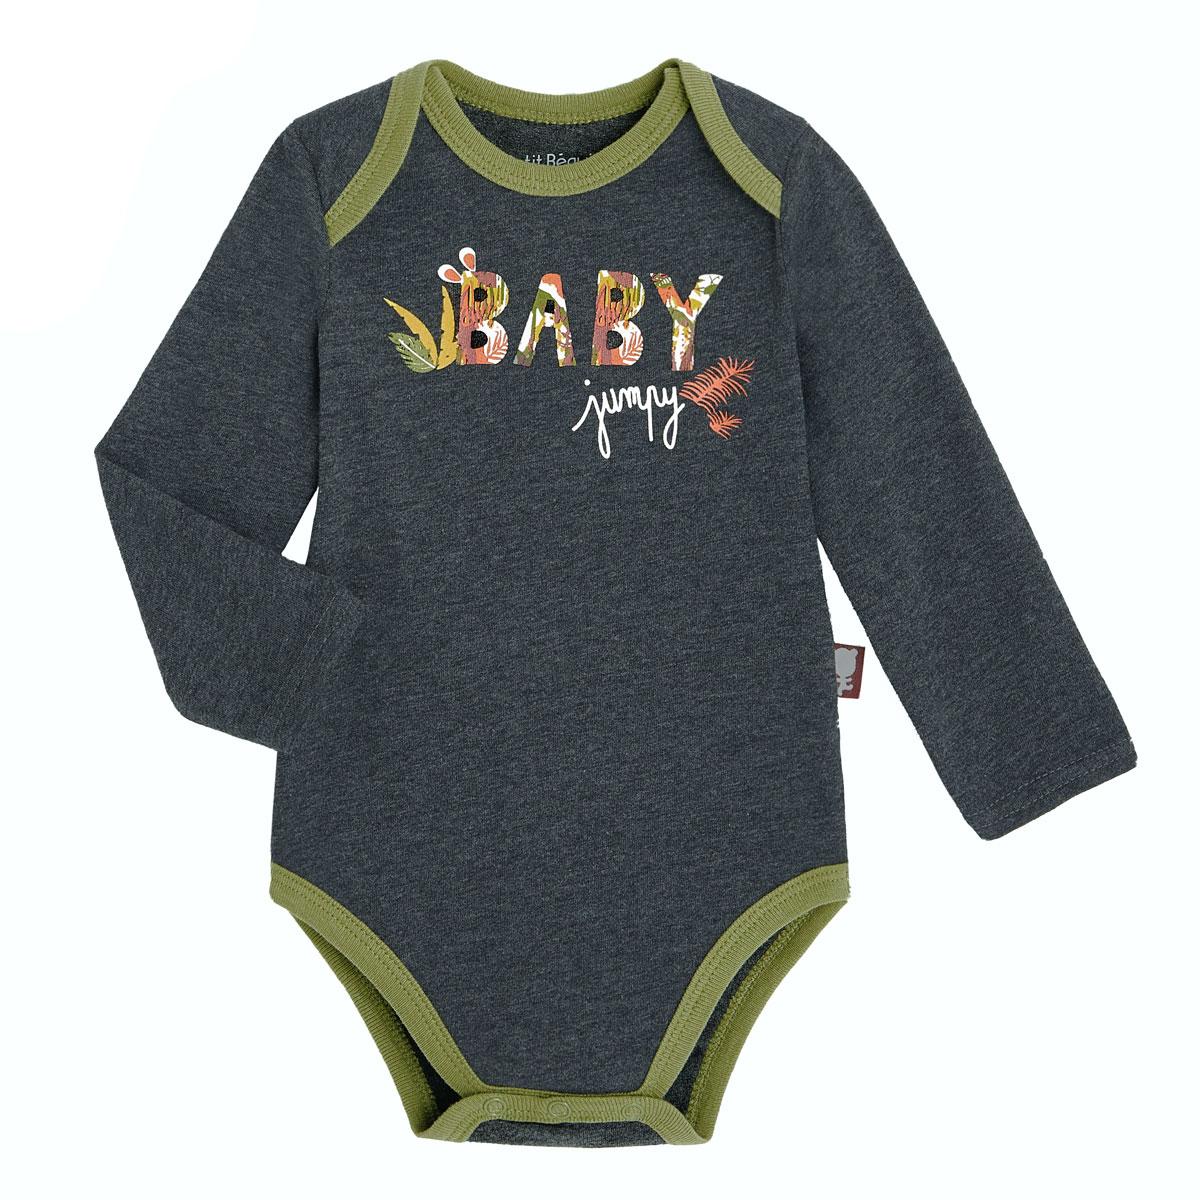 Lot de 2 bodies bébé garçon manches longues contenant du coton bio Baby Jumpy 2